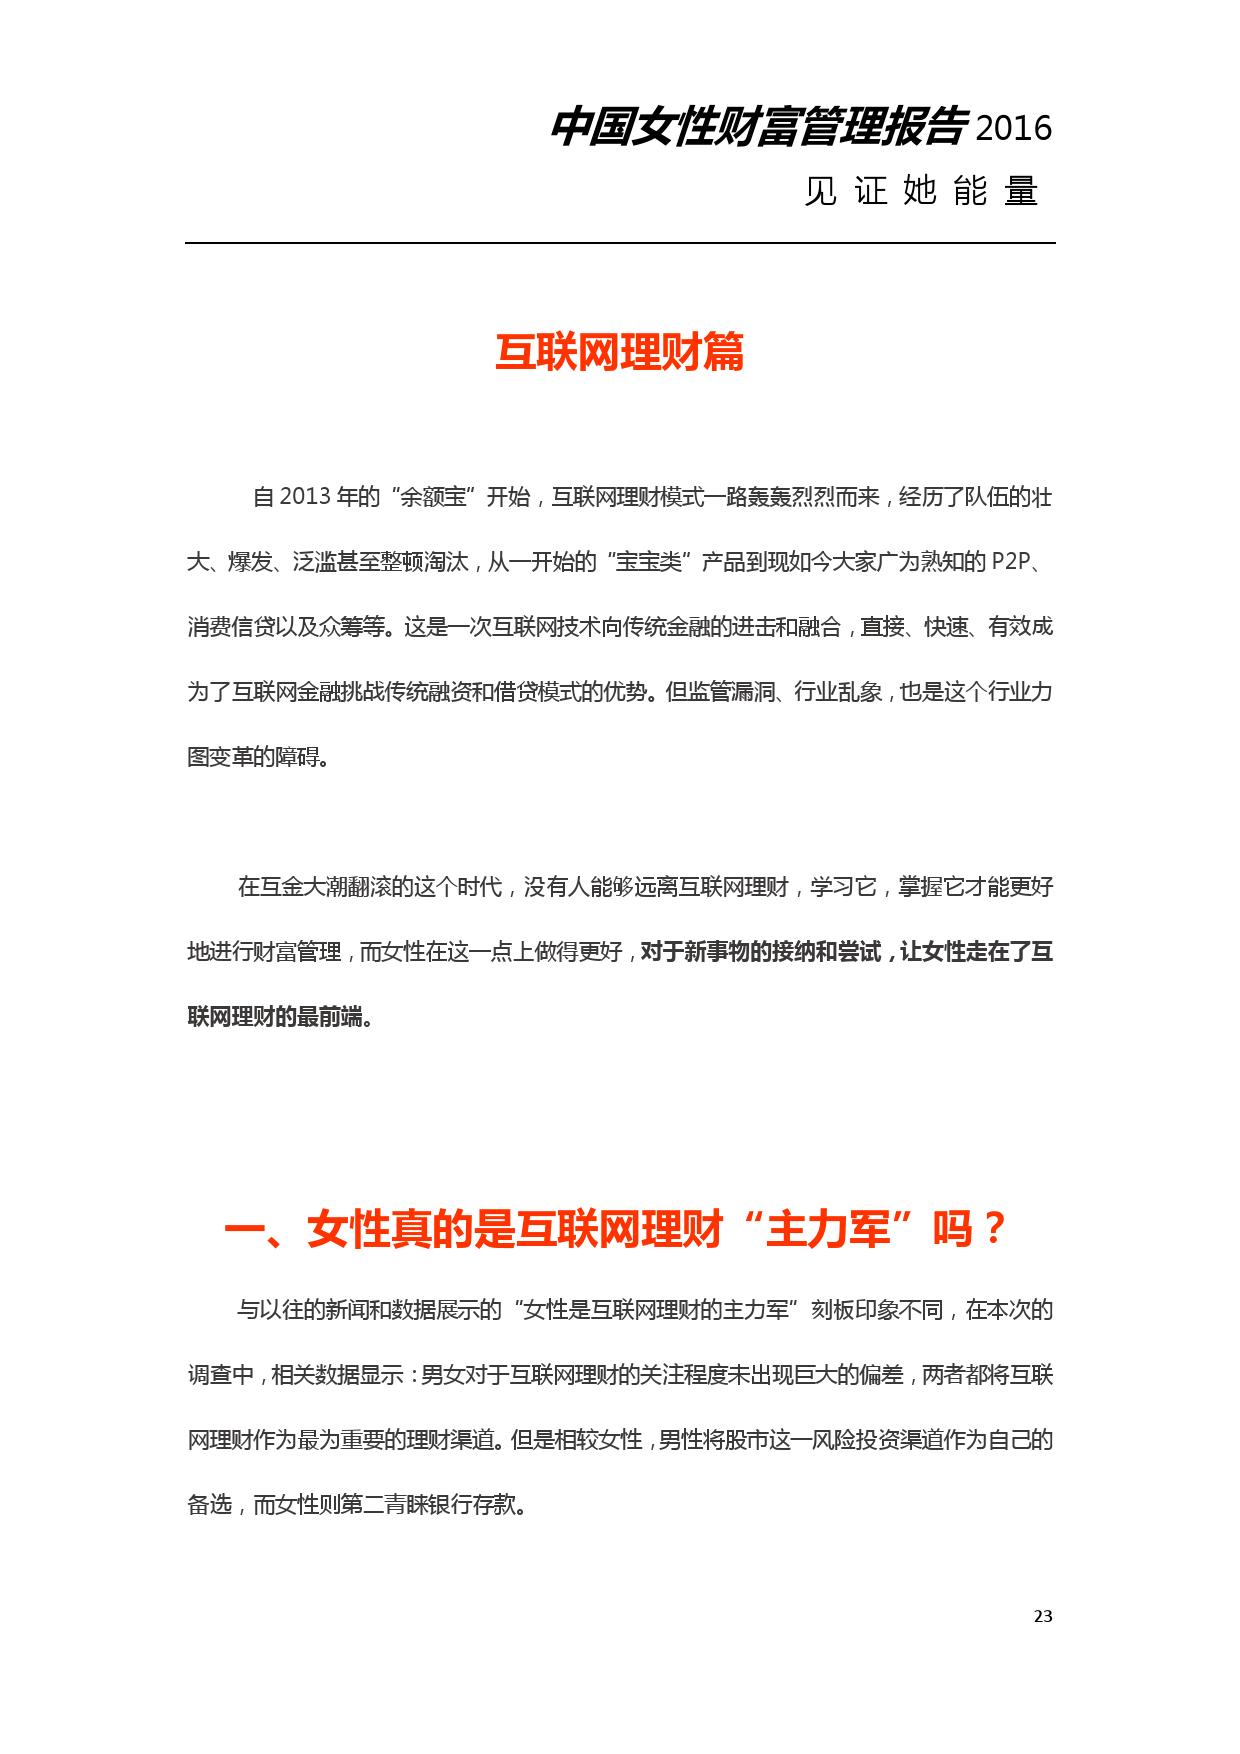 2016年中国女性财富管理报告_000023